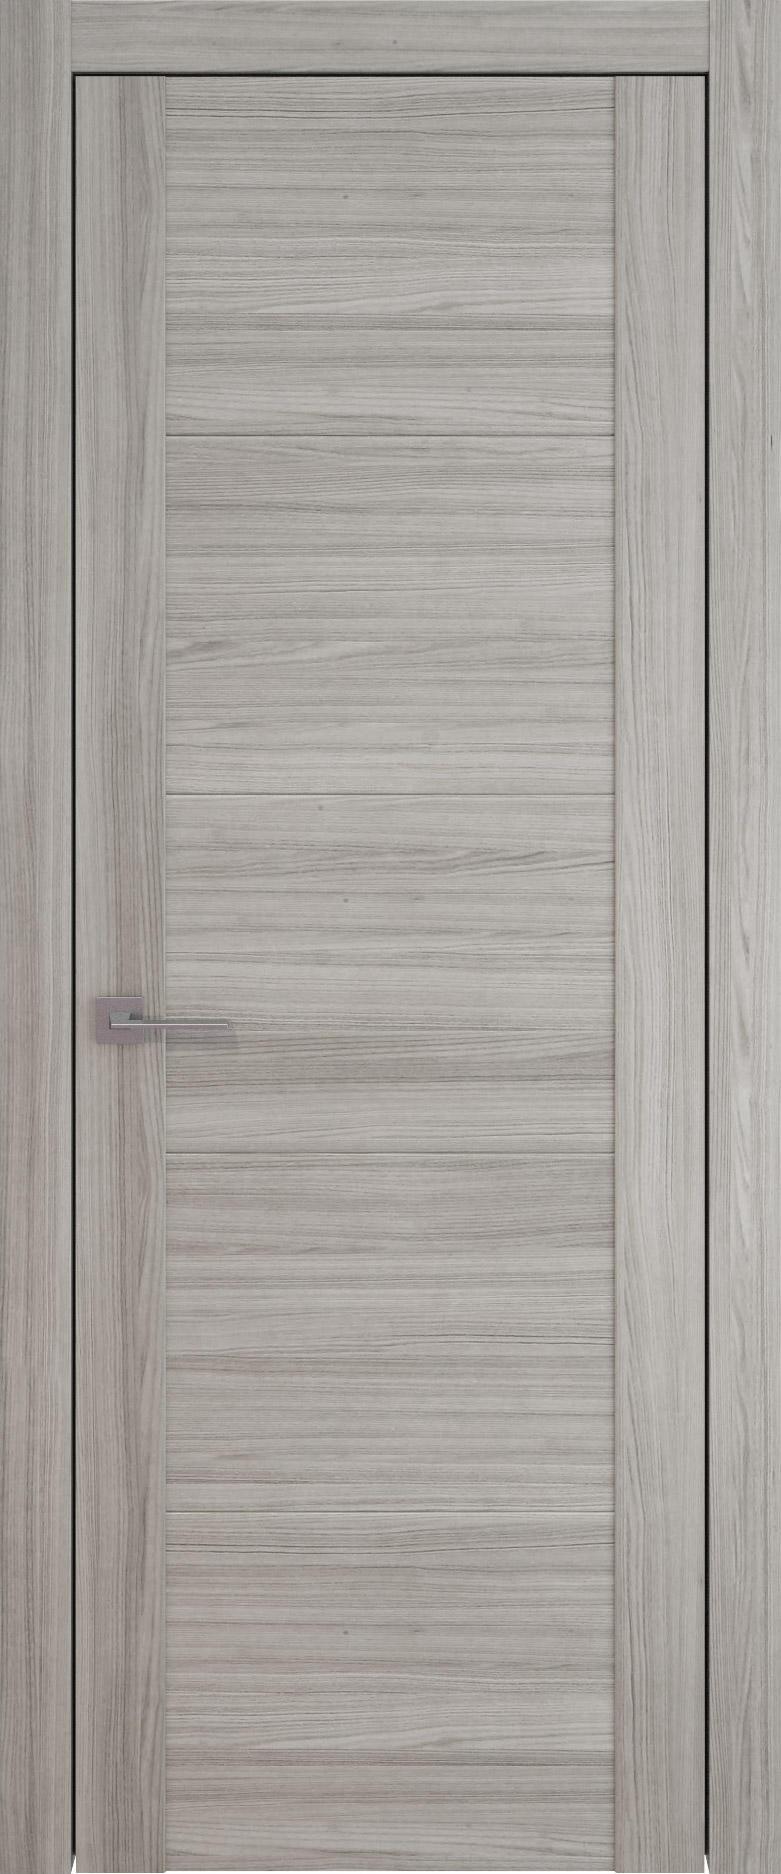 Maggiore цвет - Орех пепельный Без стекла (ДГ)